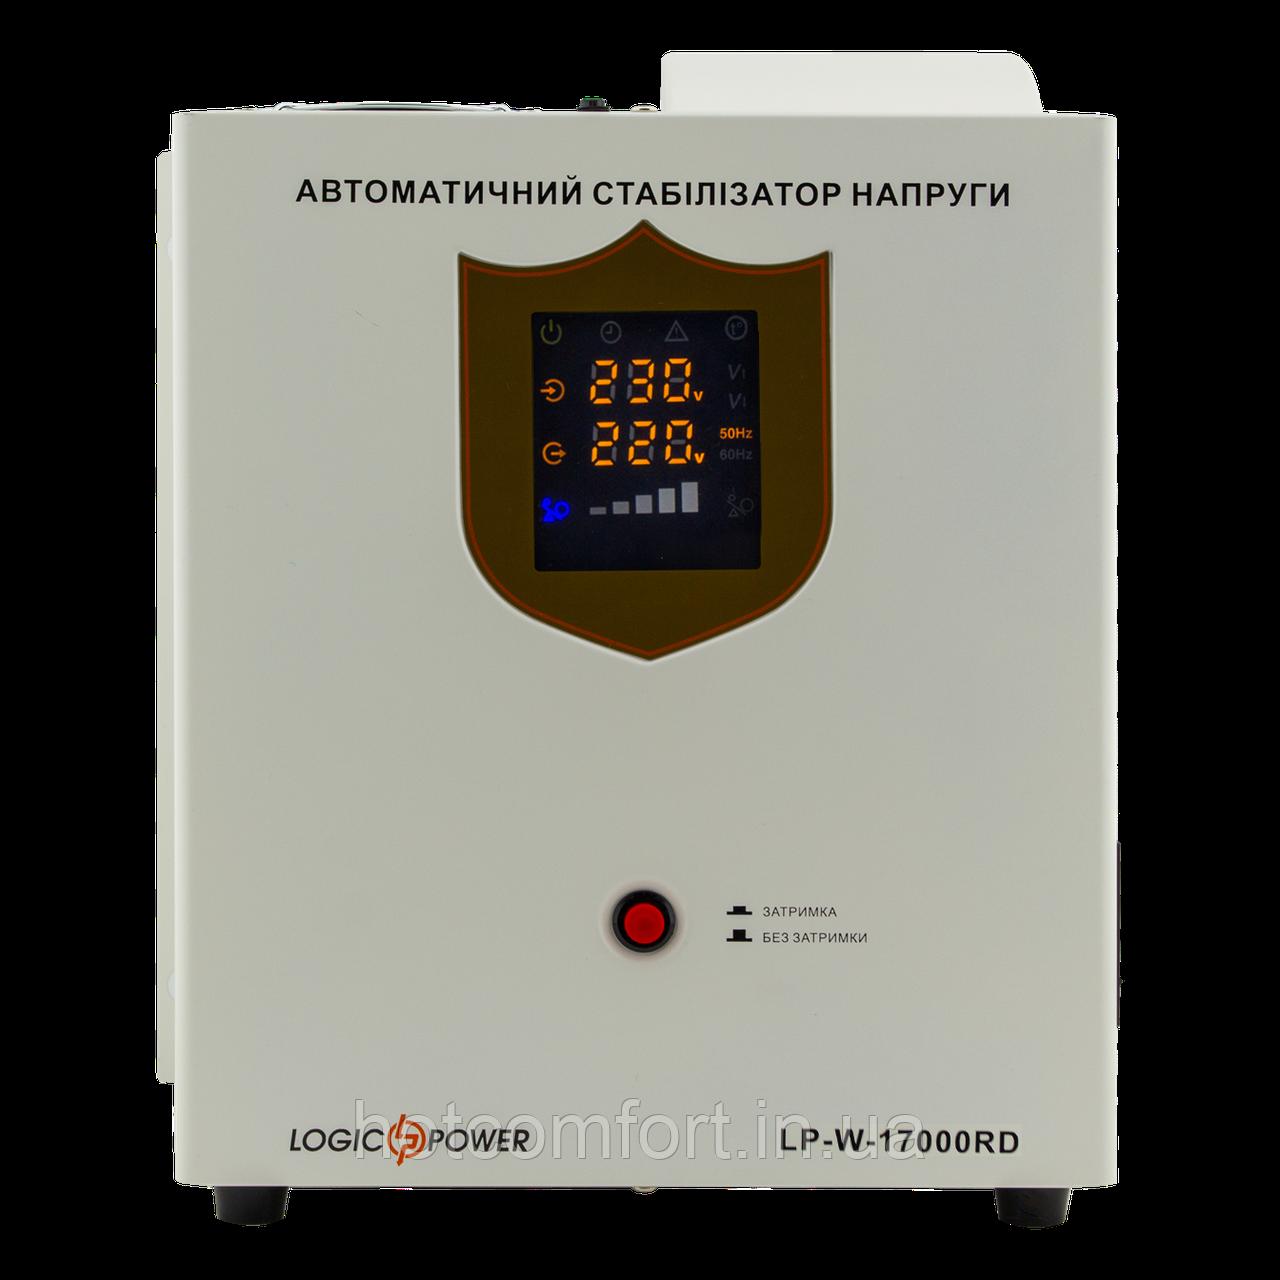 Стабилизатор напряжения LP-W-17000RD (10200Вт / 7 ступ)